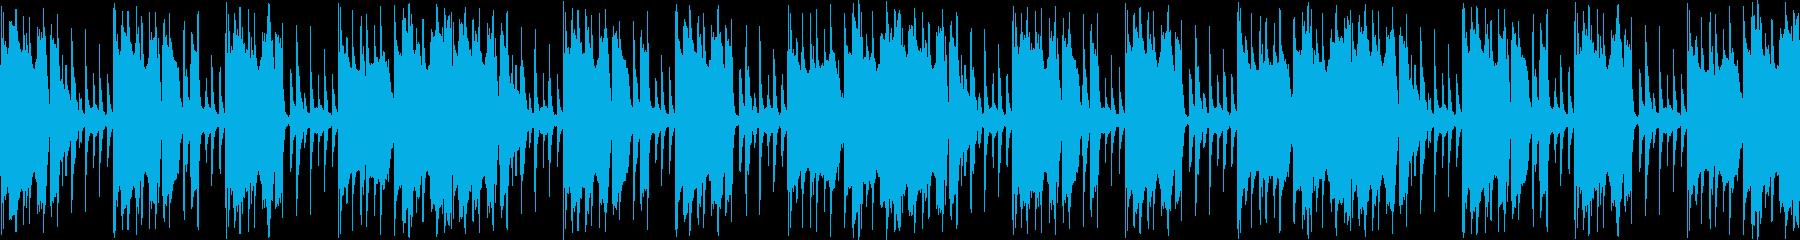 【おしゃれなカフェJAZZBGM】の再生済みの波形